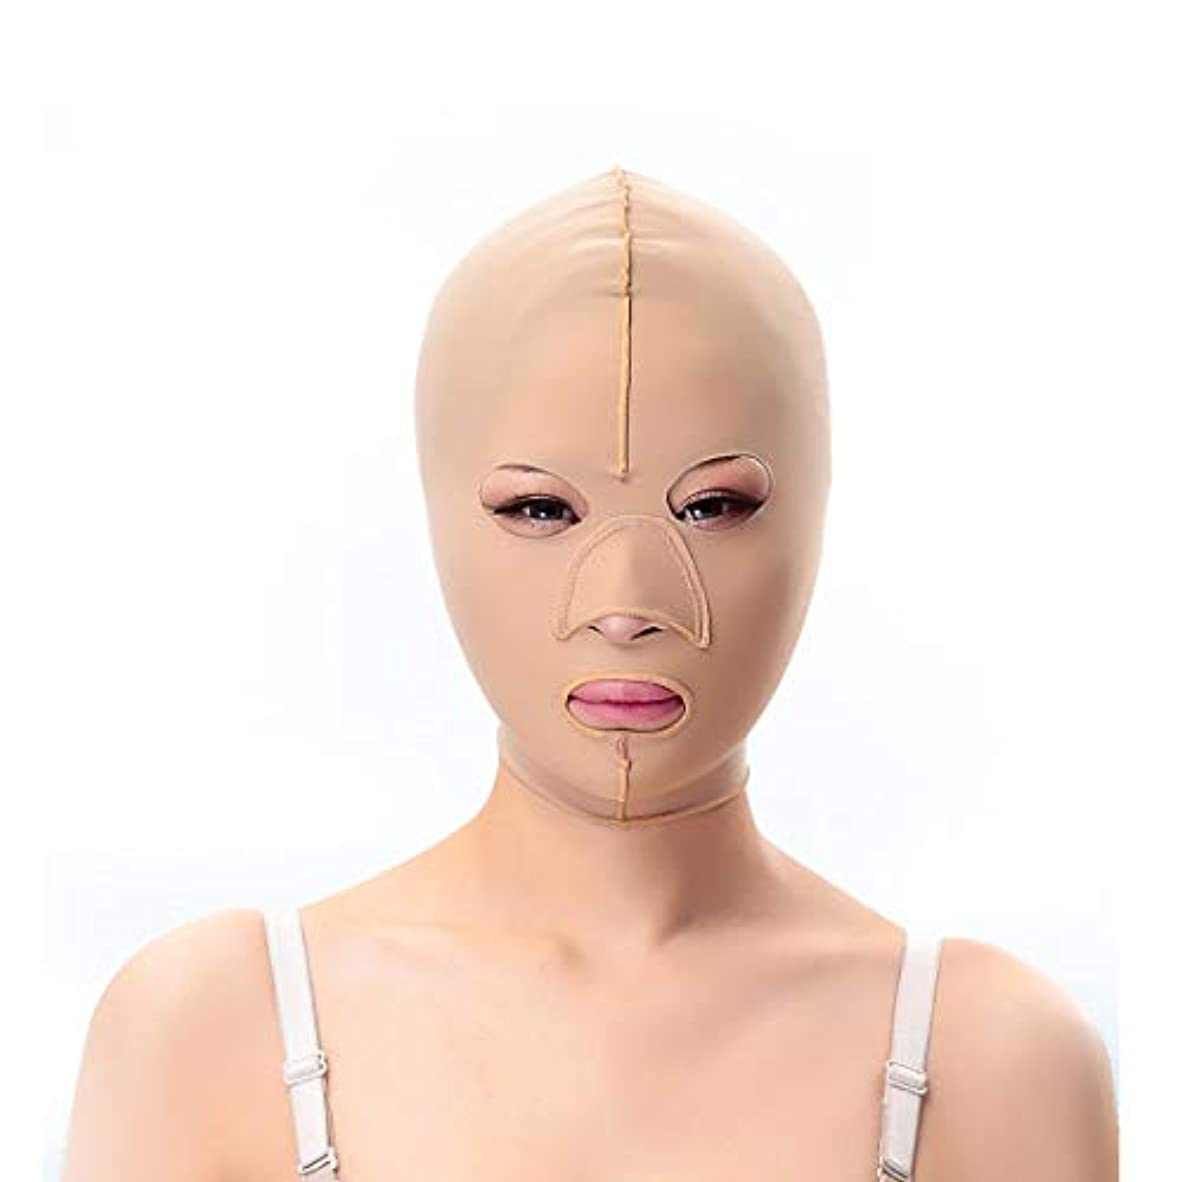 頼む雑草順番痩身ベルト、フェイシャルマスク薄いフェイスマスクを脇に持ち上げる二重あご引き締め顔面プラスチックフェイスアーティファクト強力なフェイス包帯 (Size : S)